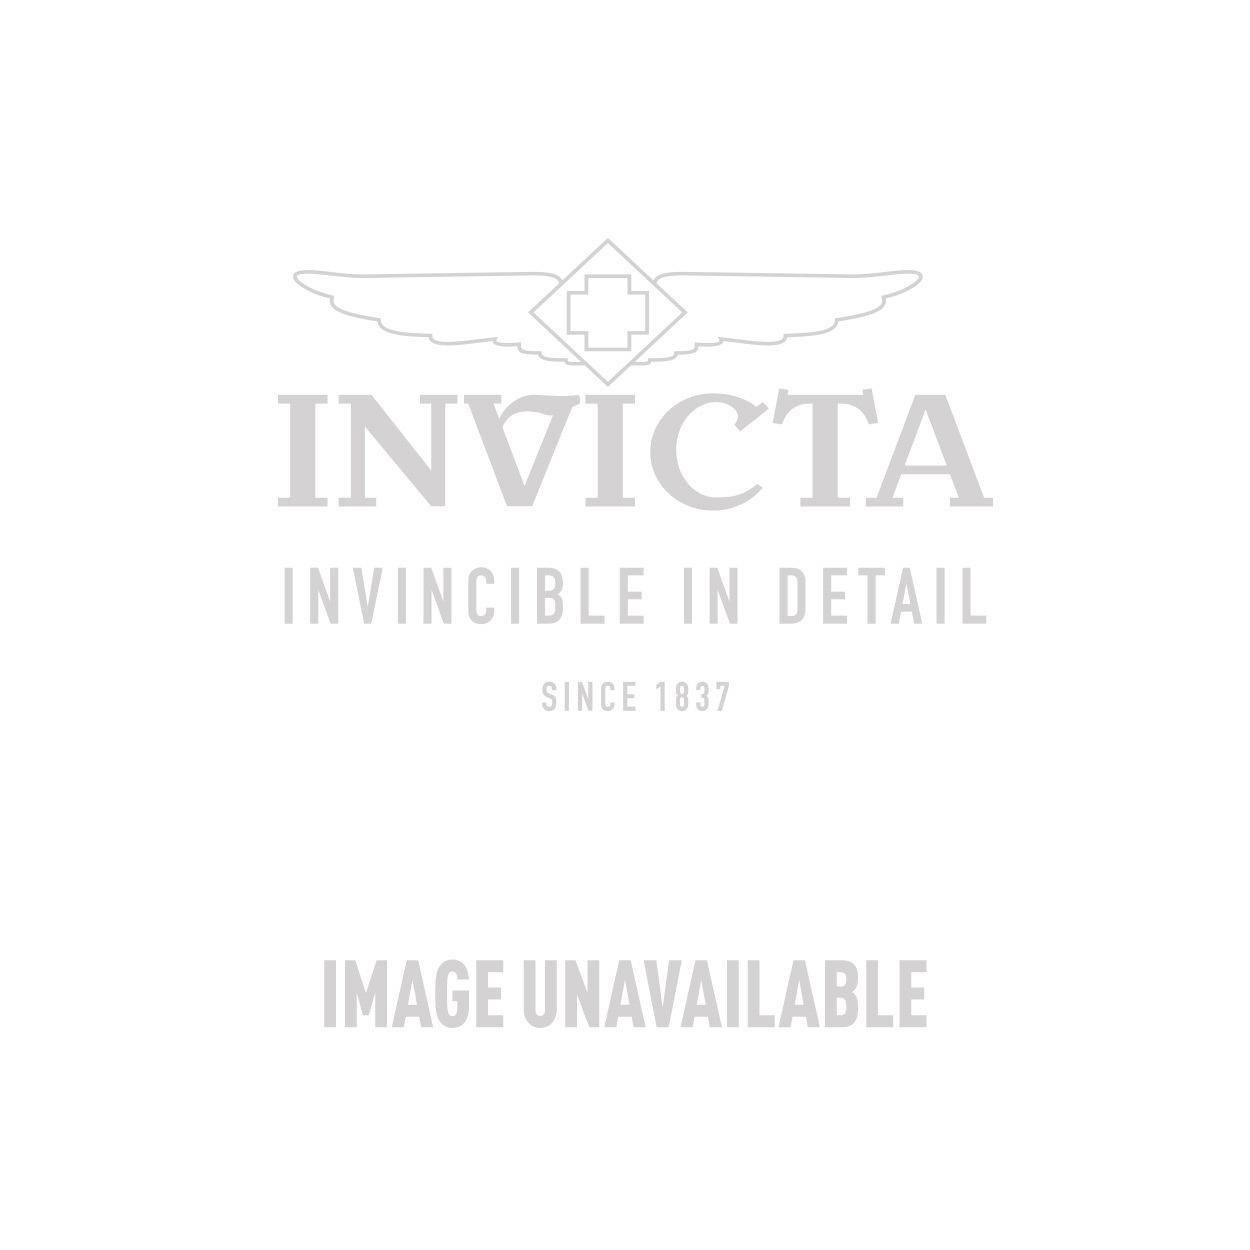 Invicta Model  25800